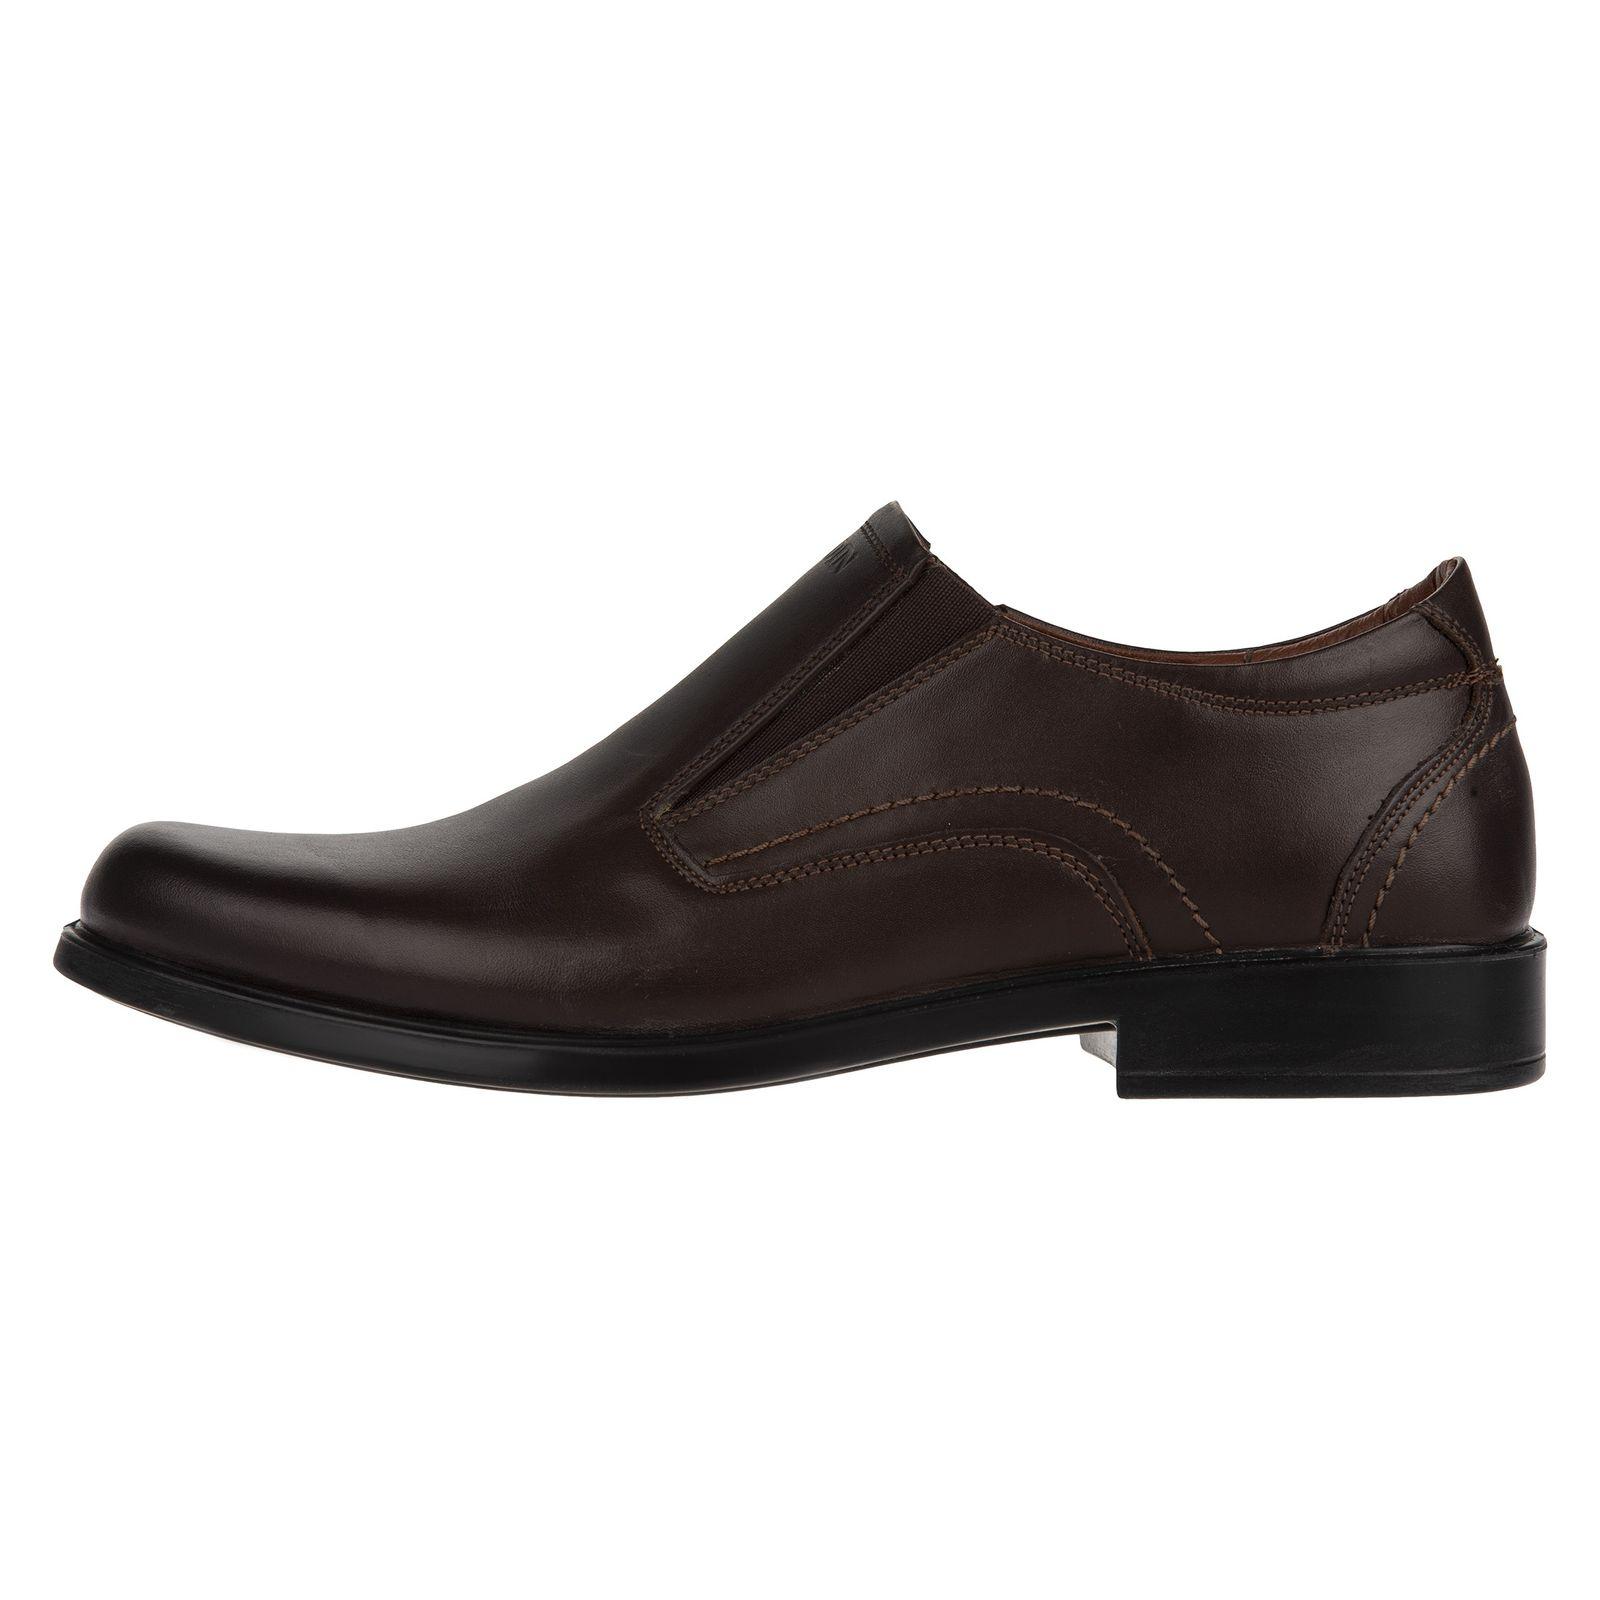 کفش مردانه رادین کد 1986-6 -  - 2